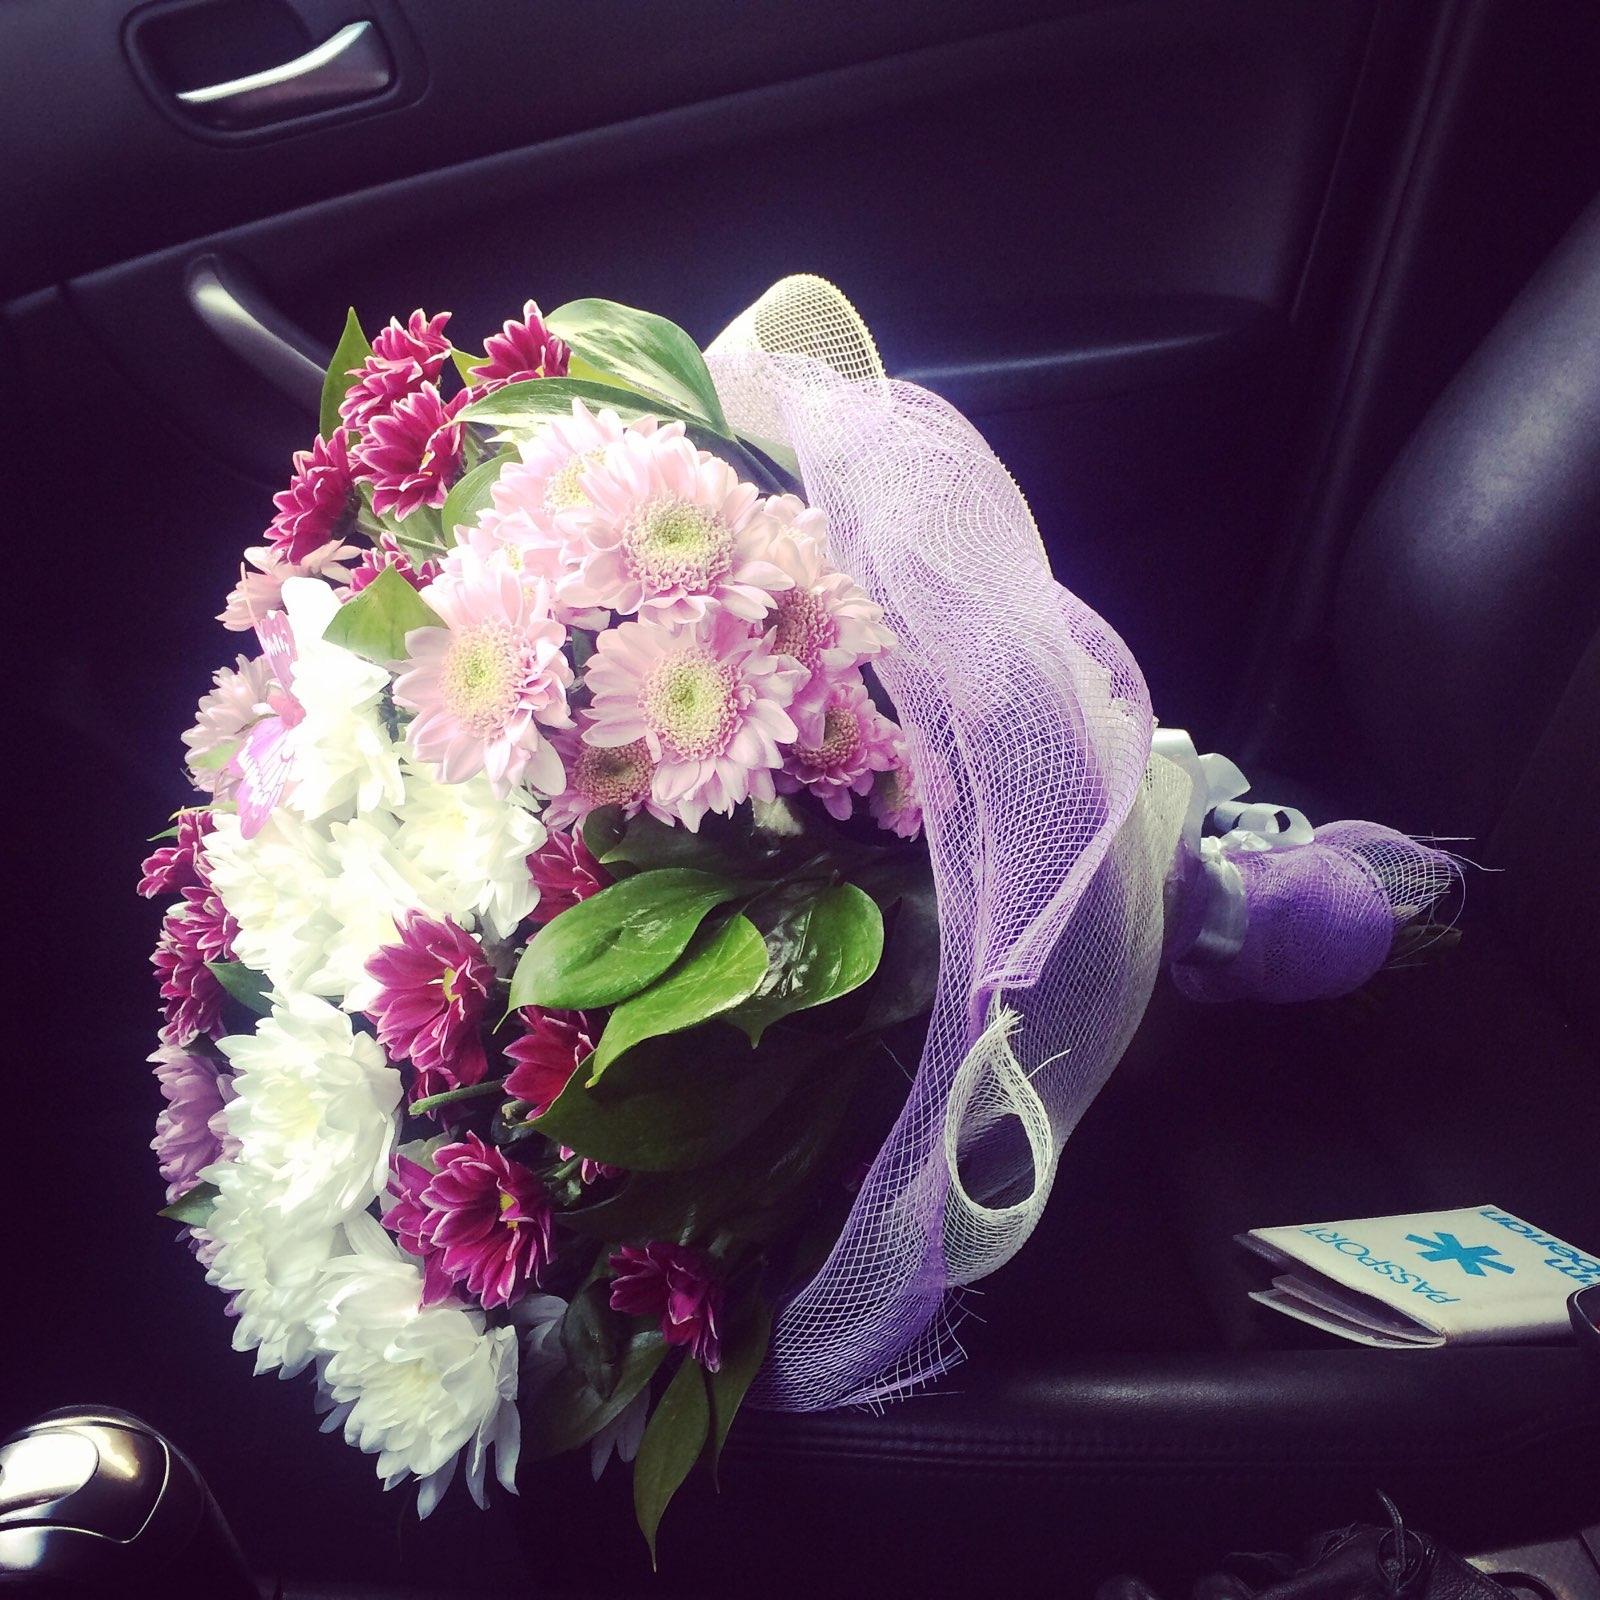 машина отвечает букет цветов в машине на сиденье фото может похвастаться великолепными